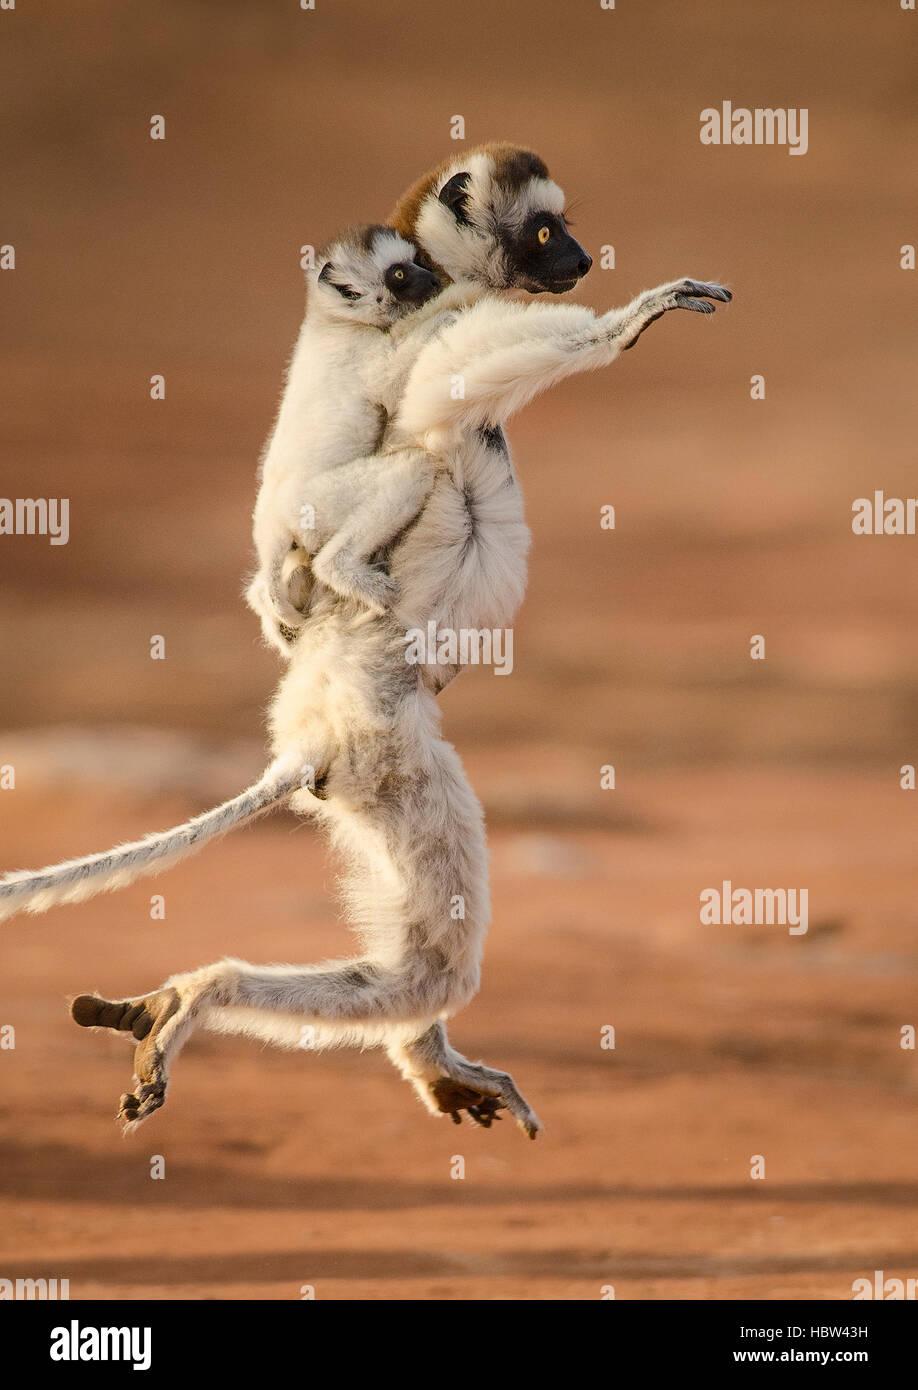 La danse de Verreaux Sifaka (Propithecus verreauxi) la mère et l'enfant Photo Stock